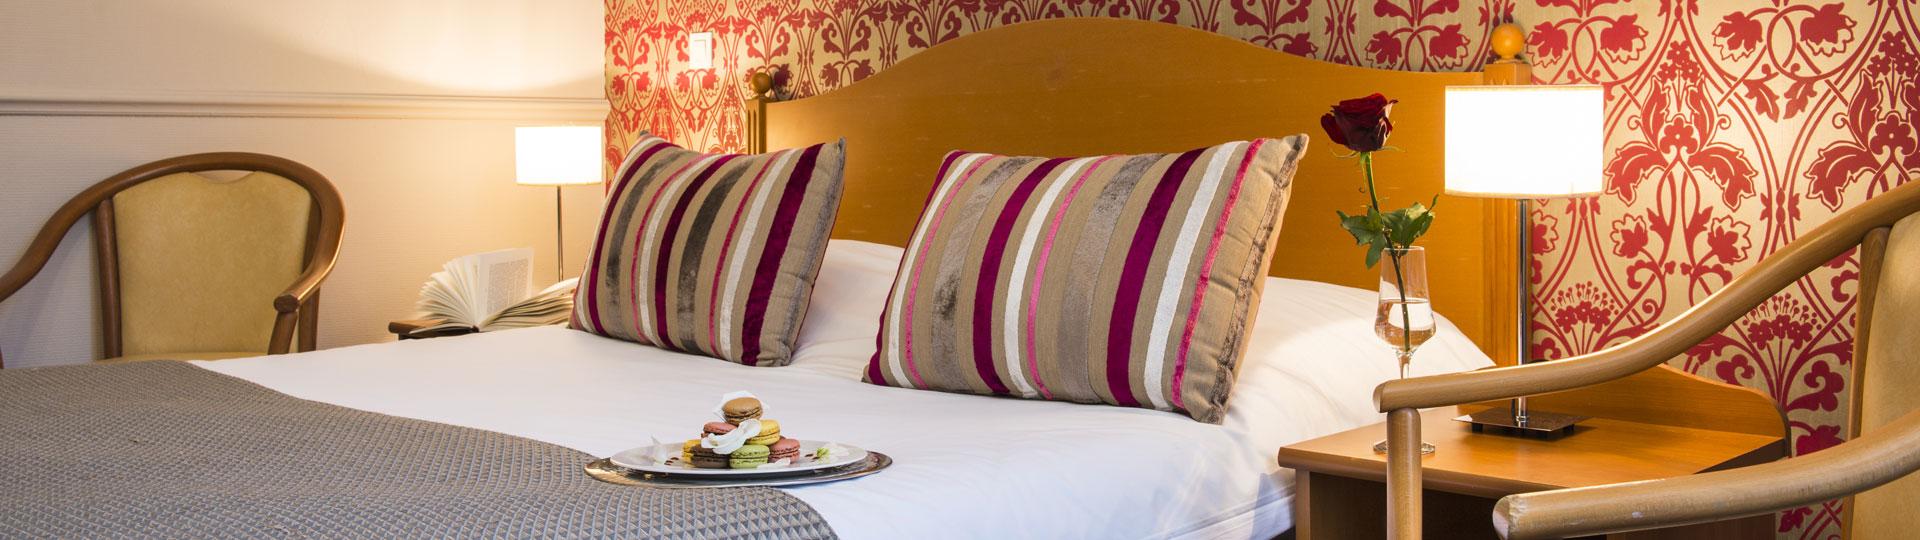 Chambre double de l'hôtel Le Royal au centre ville de Nice